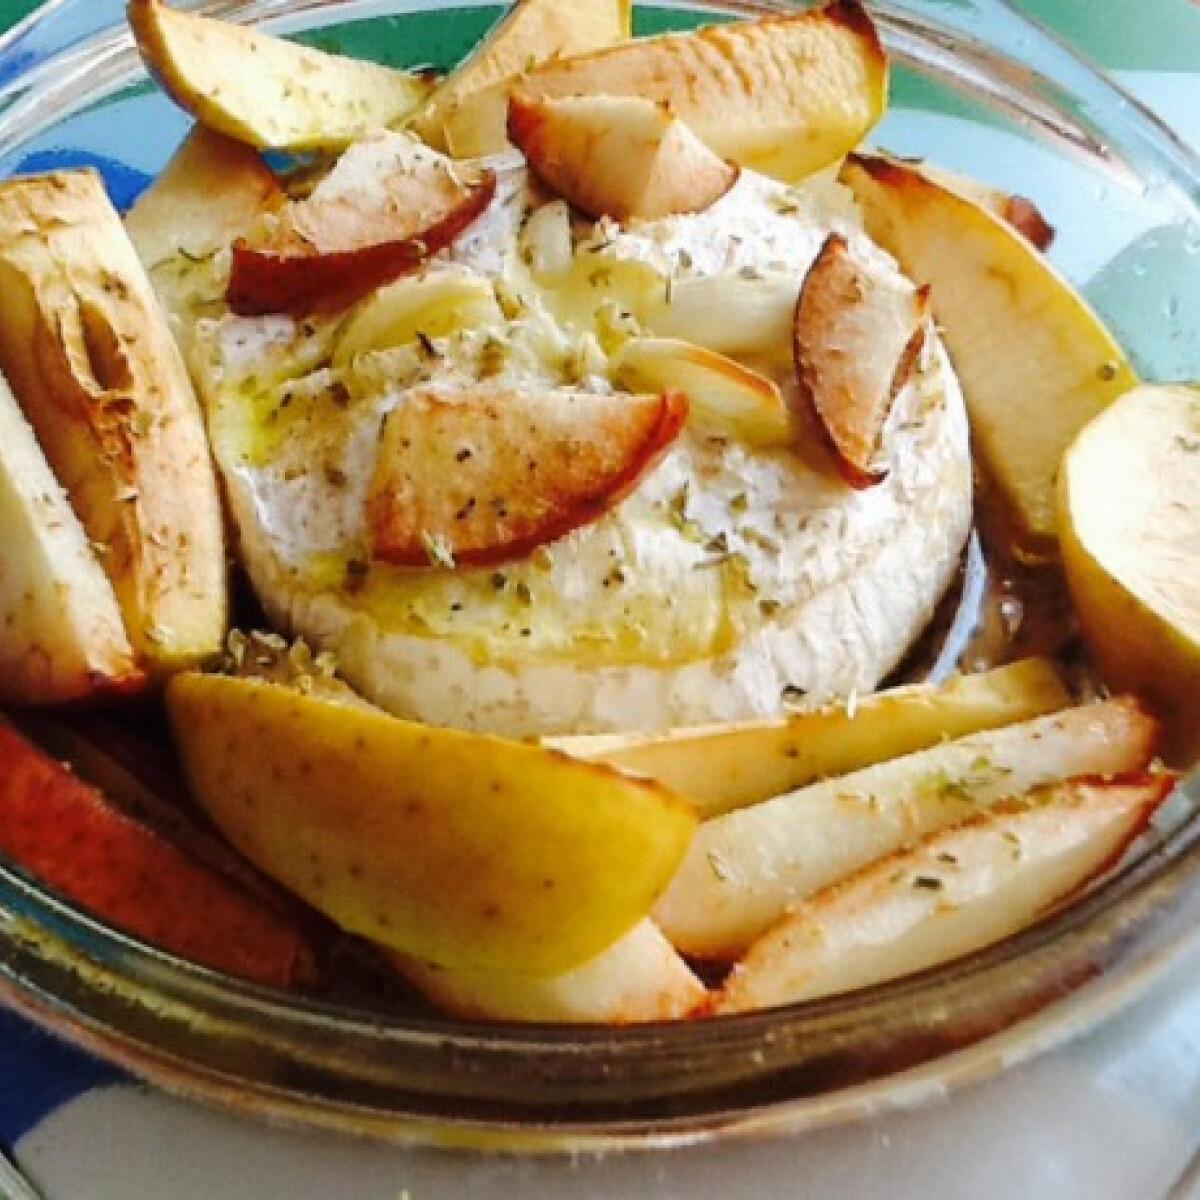 Ezen a képen: Camembert sült fokhagymával